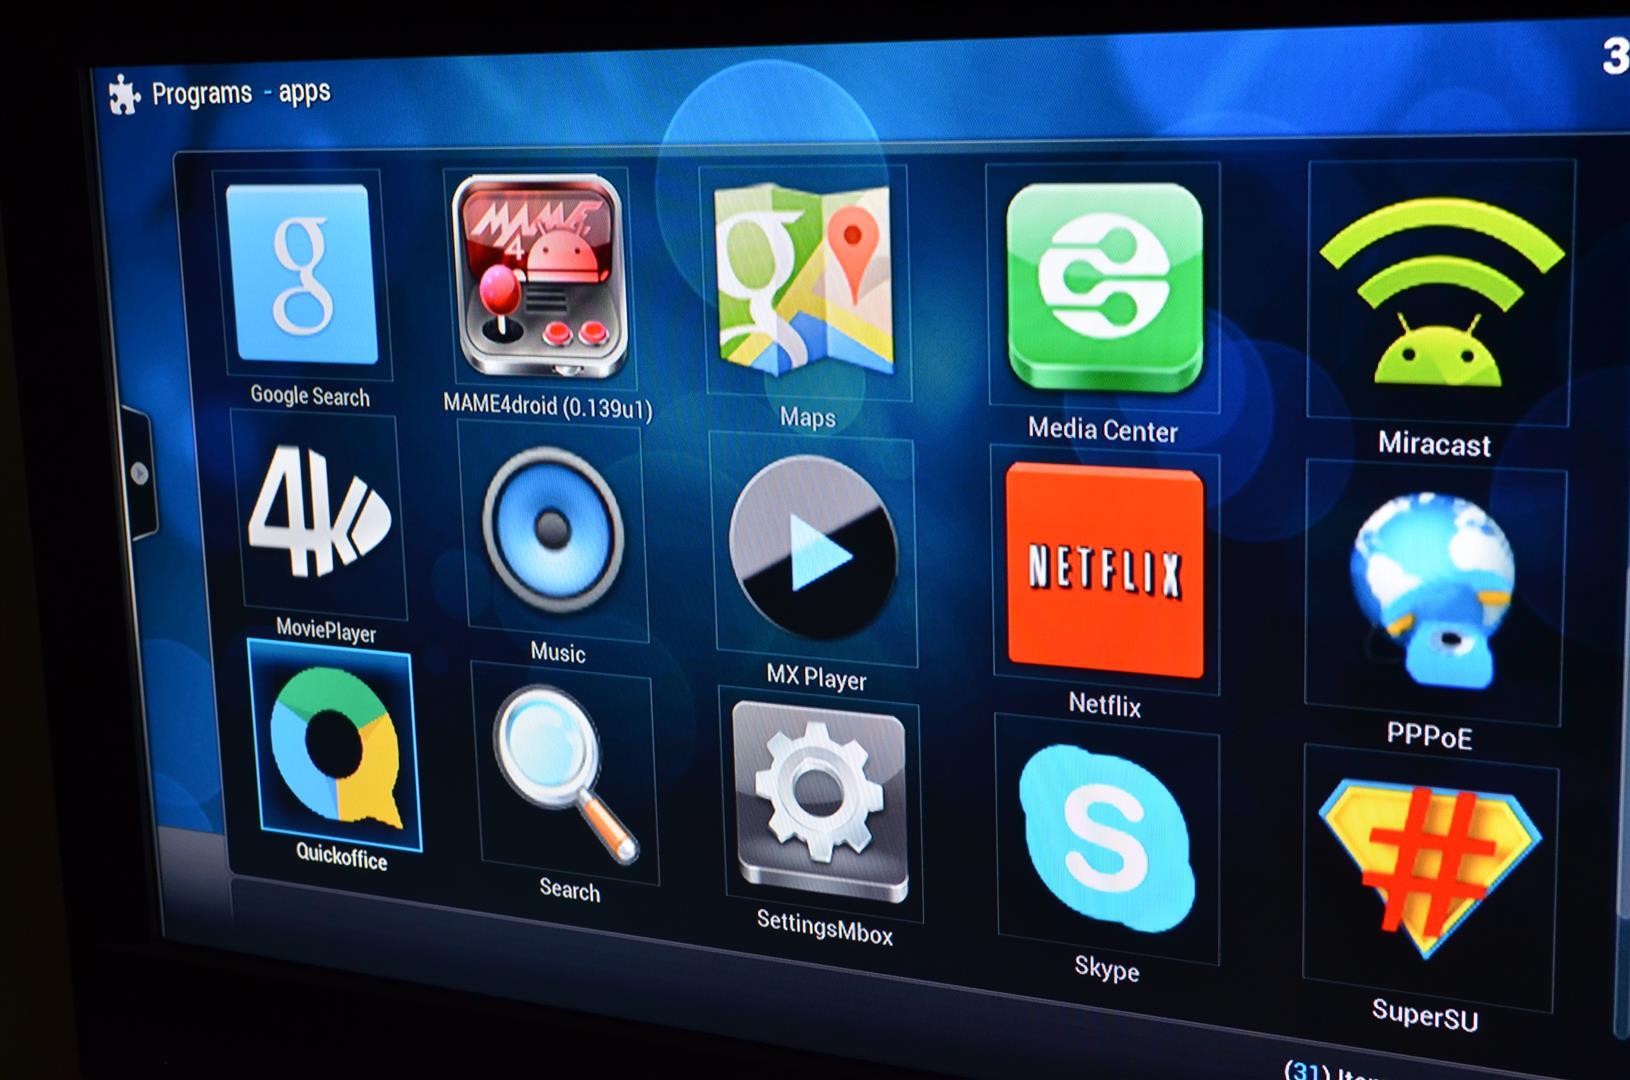 Vous avez une box TV sous Android ? Attention, Netflix pourrait être bloqué